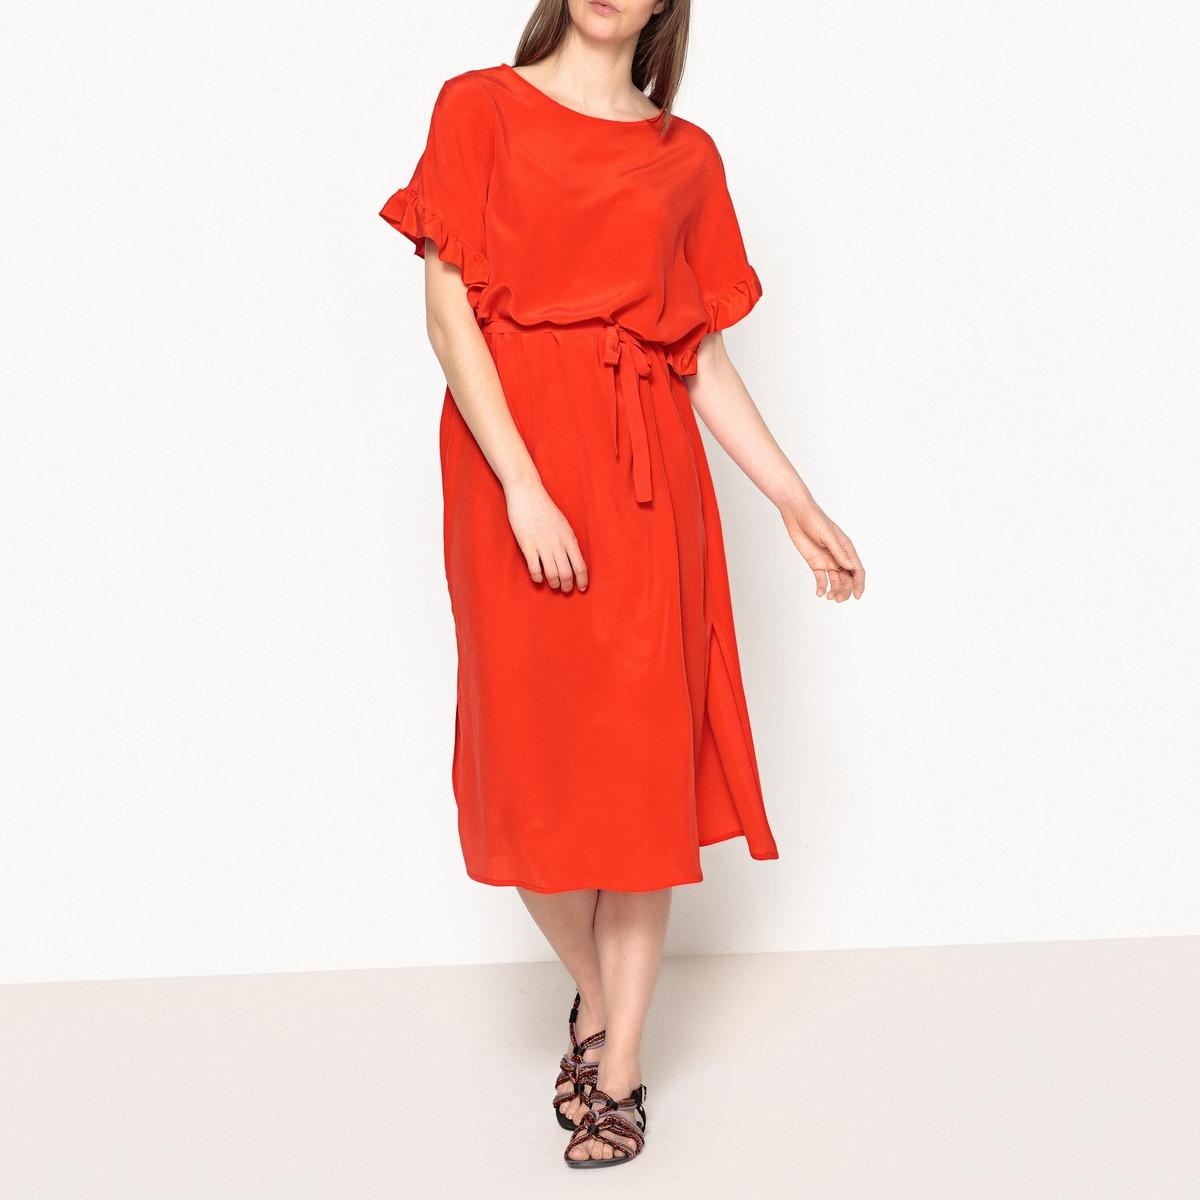 Платье с воланами, рукава 3/4 CLOTILDE msgm топ с крупными воланами